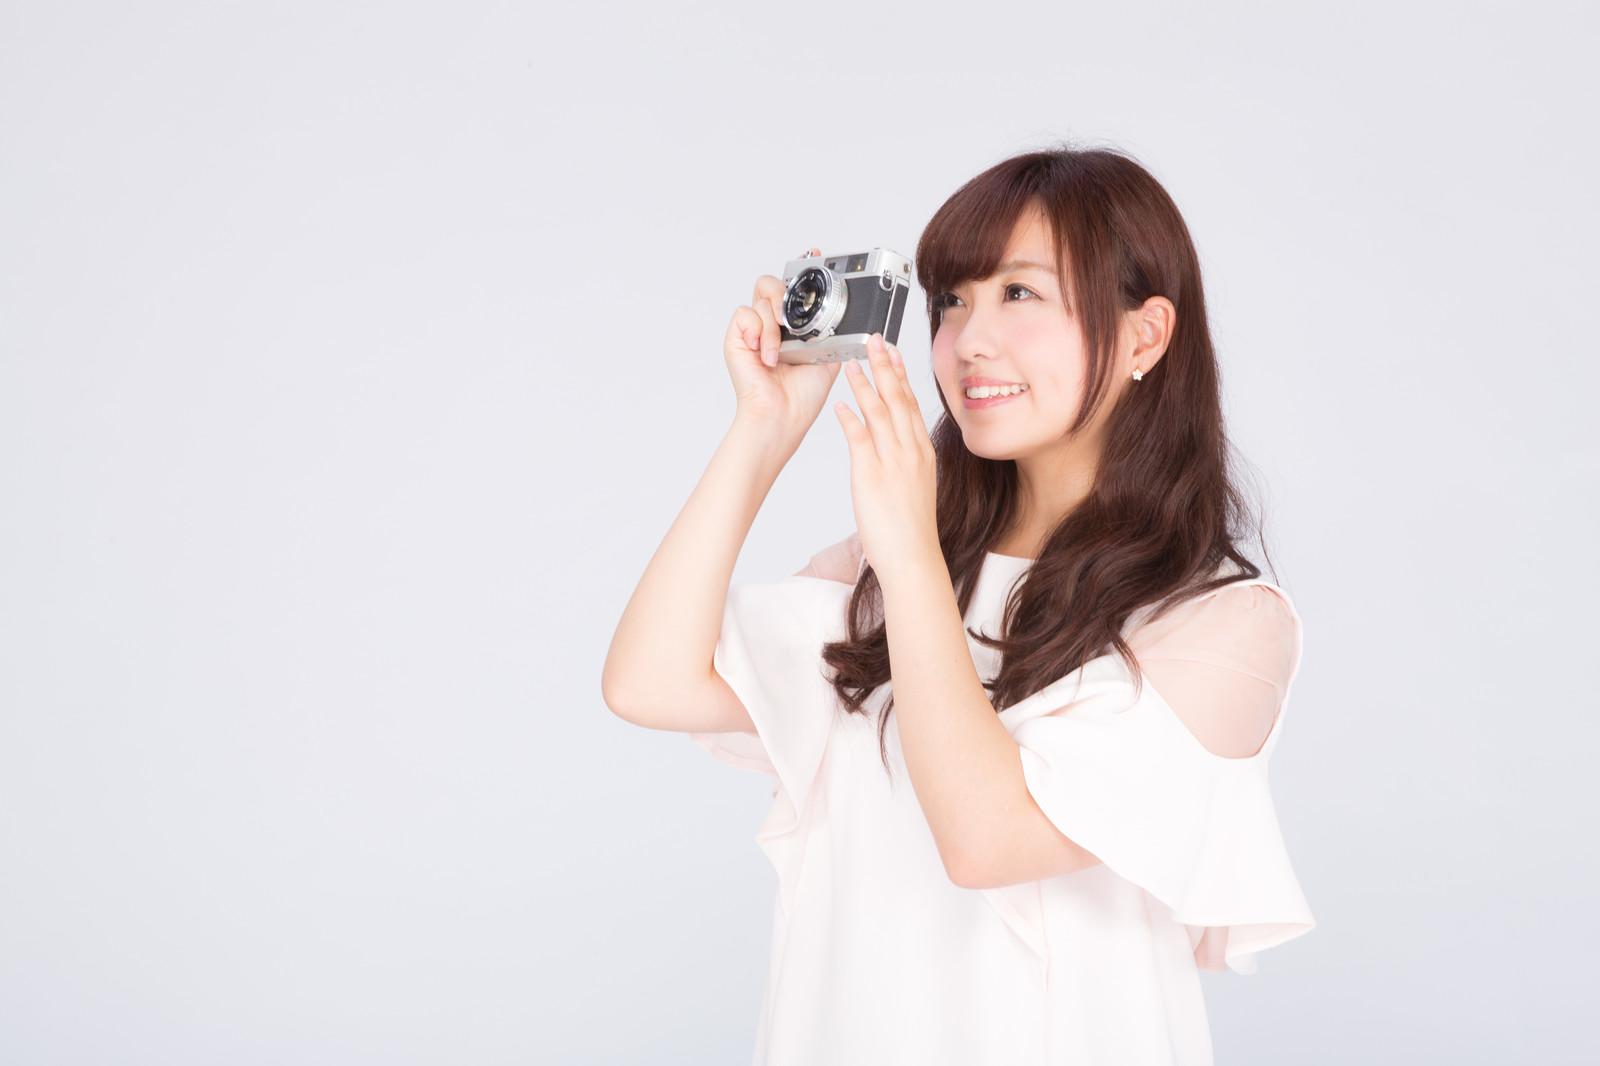 インスタントカメラの買取価格はどのくらい?高く売るコツは?